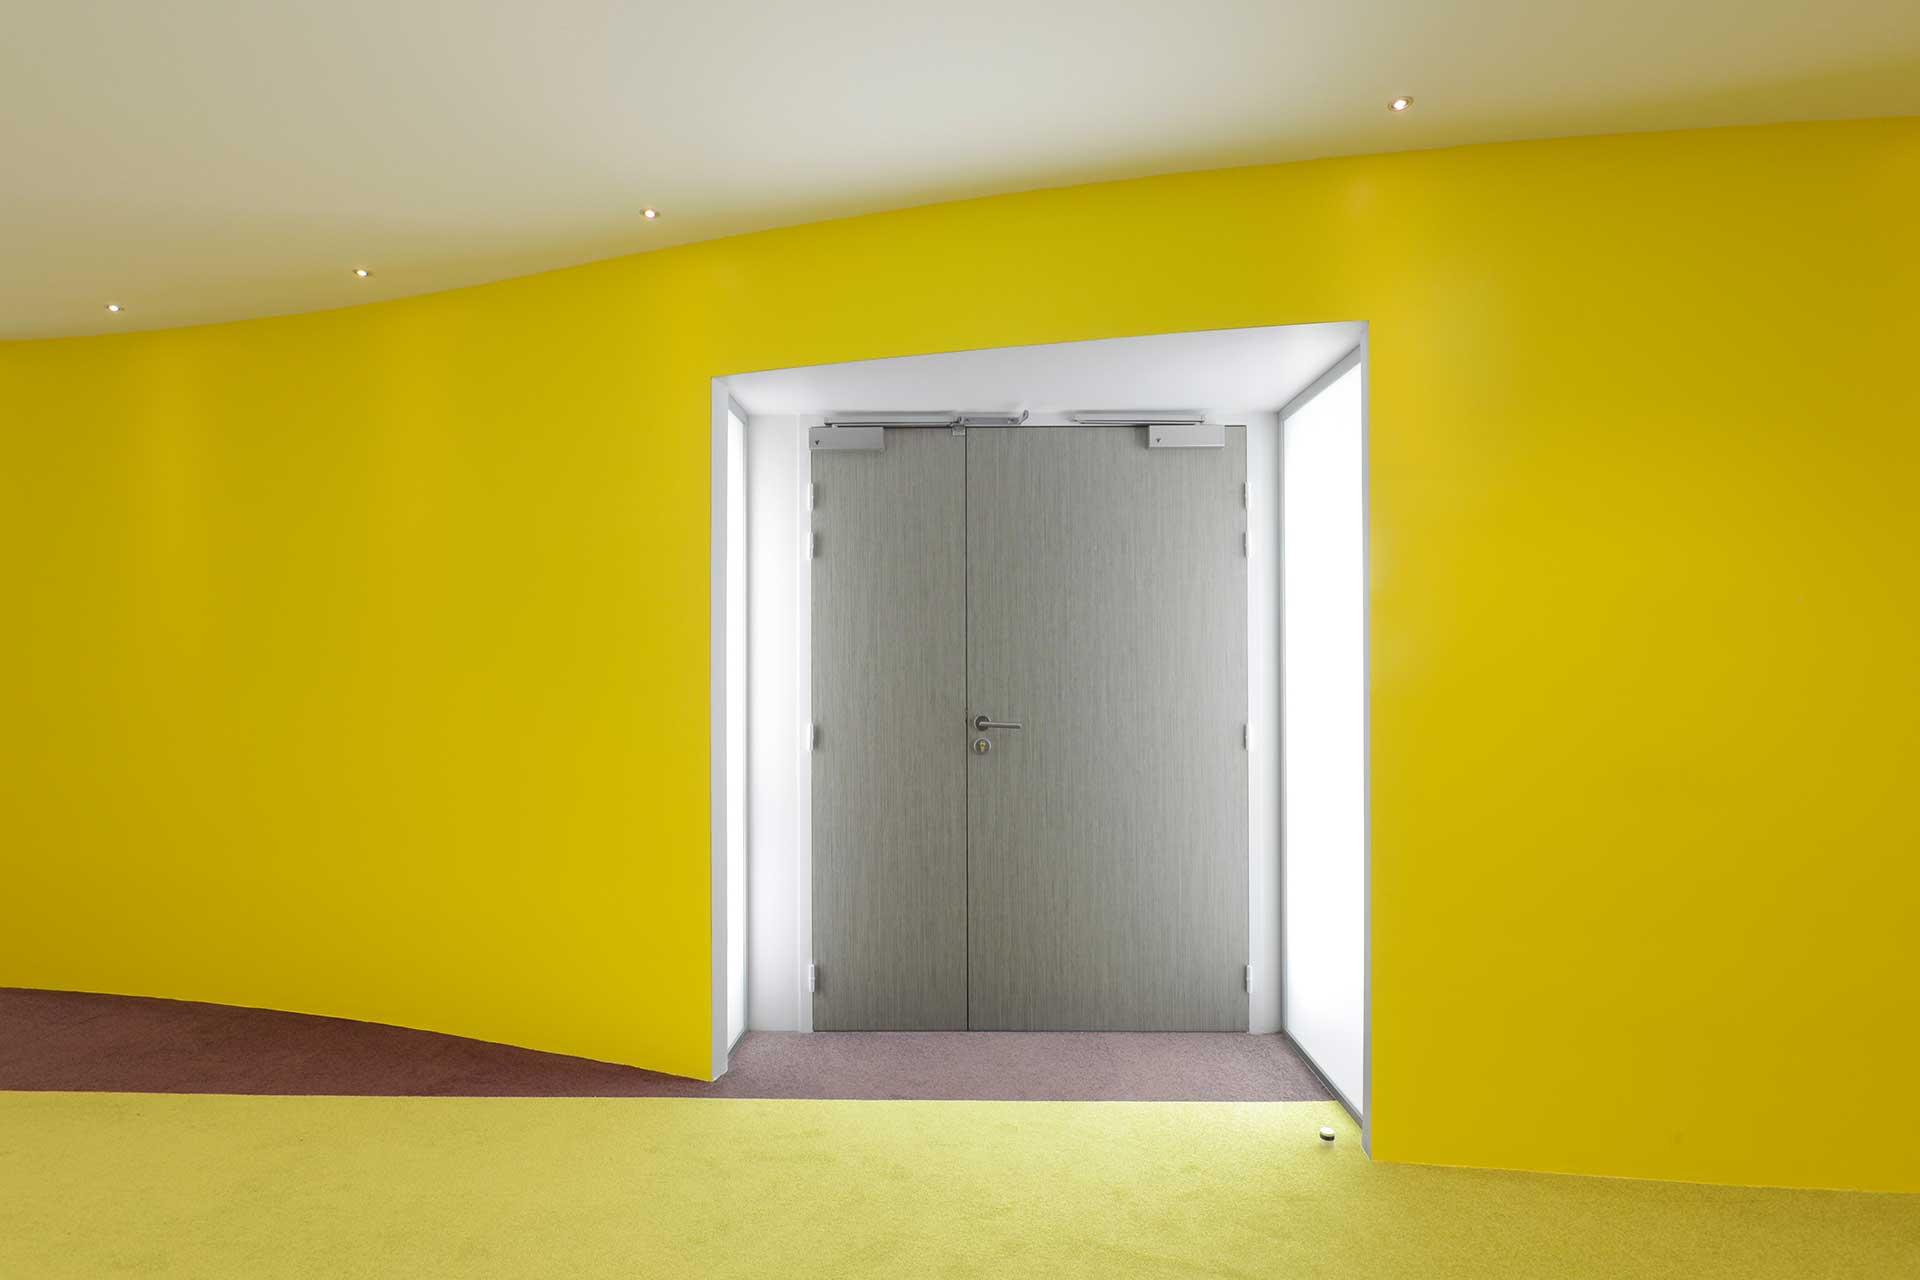 interpose - Cloisons sèches bloc porte stratifié double vantaux